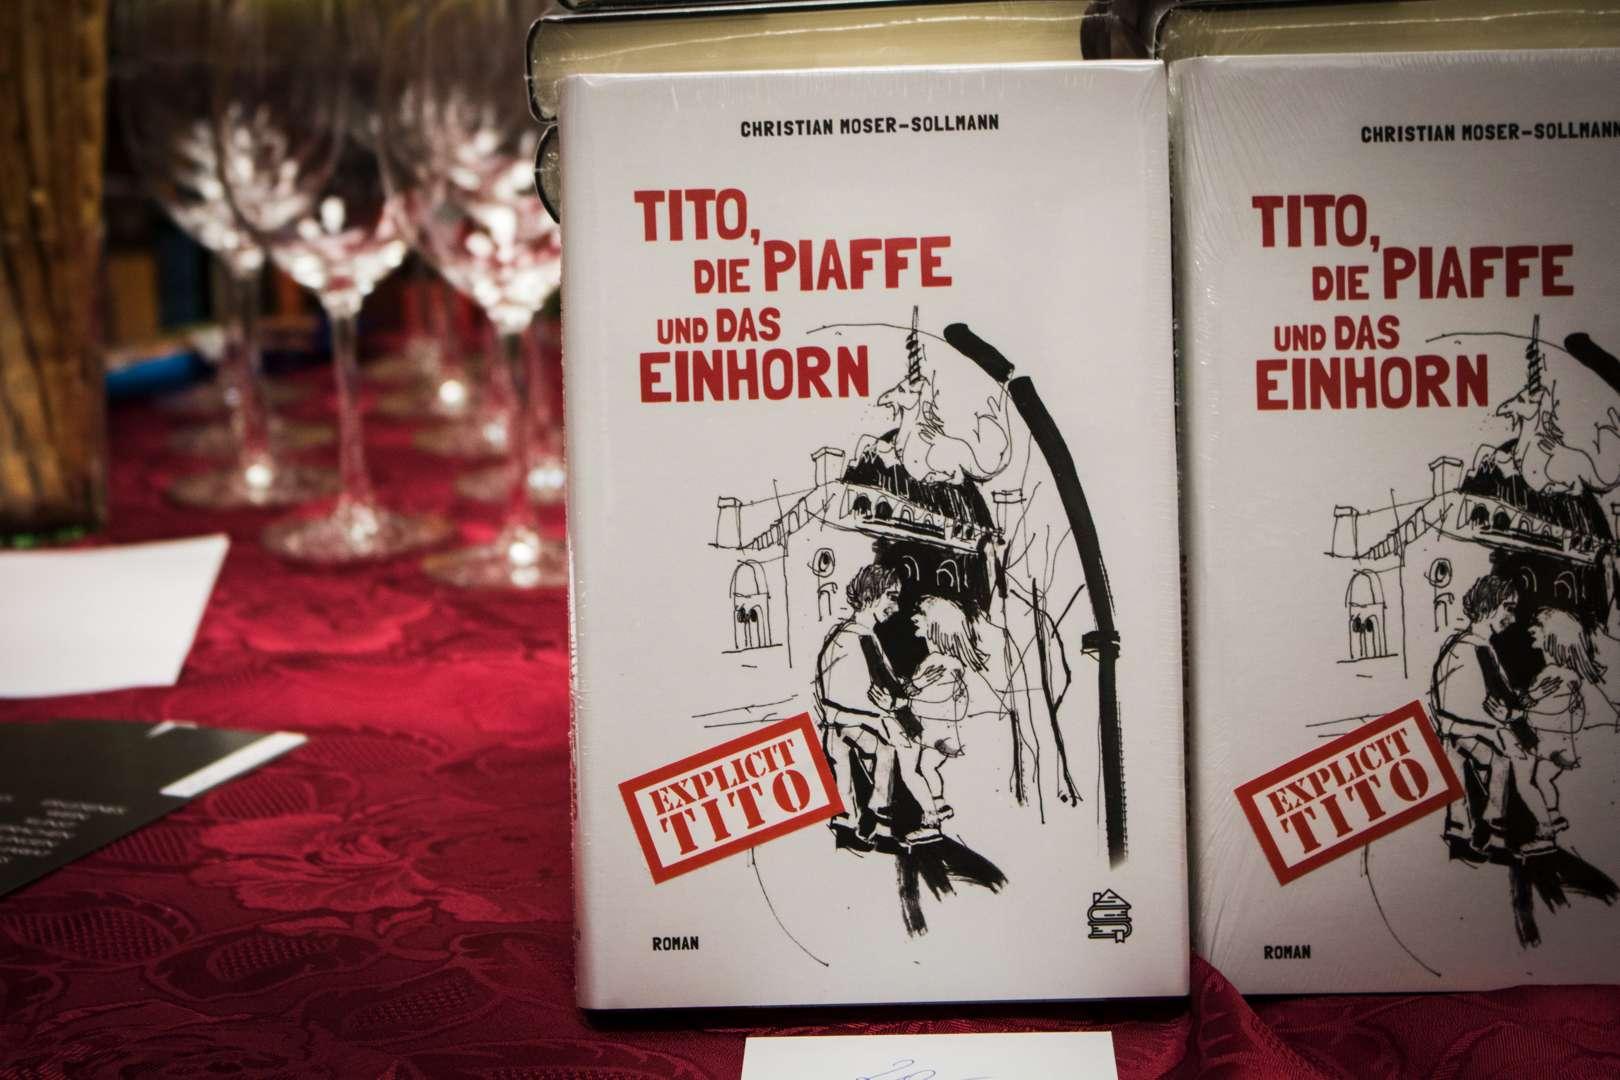 Tito, die Piaffe und das Einhorn